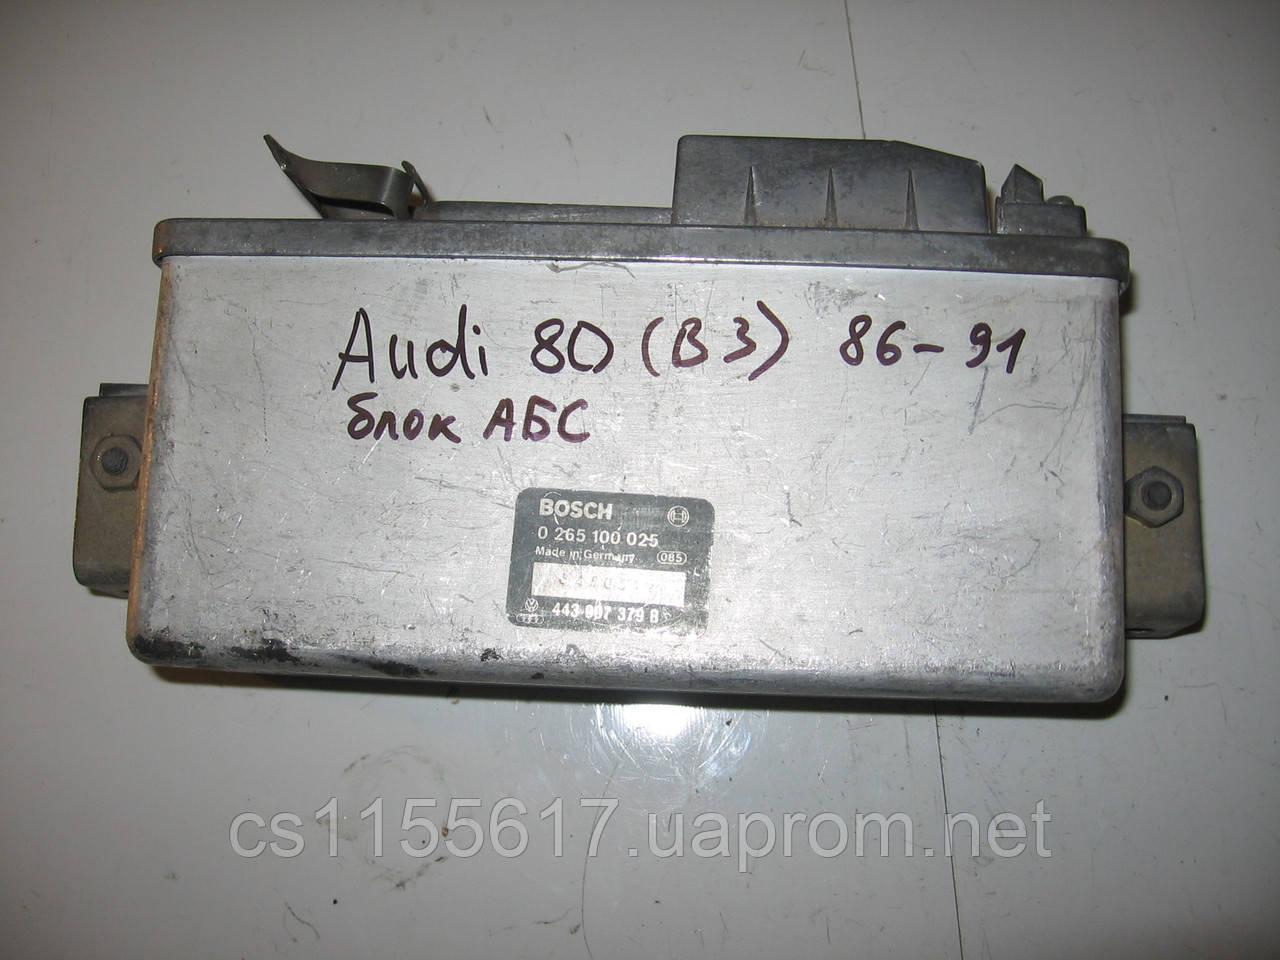 Блок управления ABS 0265100025 б/у на Audi 80 (B3) год 1986-1991